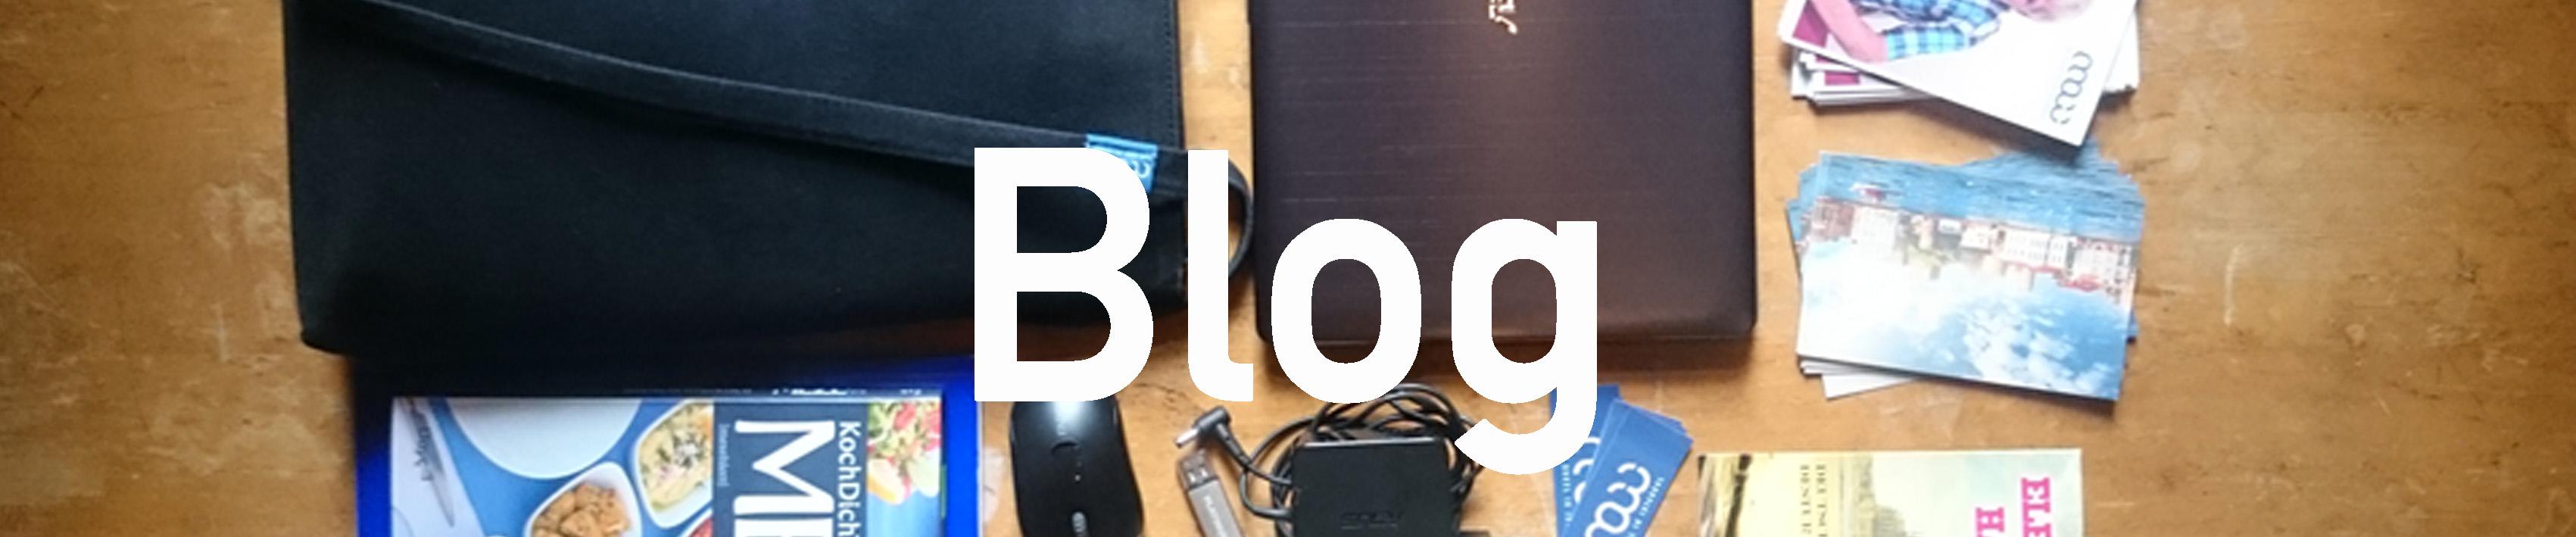 blogslider-moii-b-8